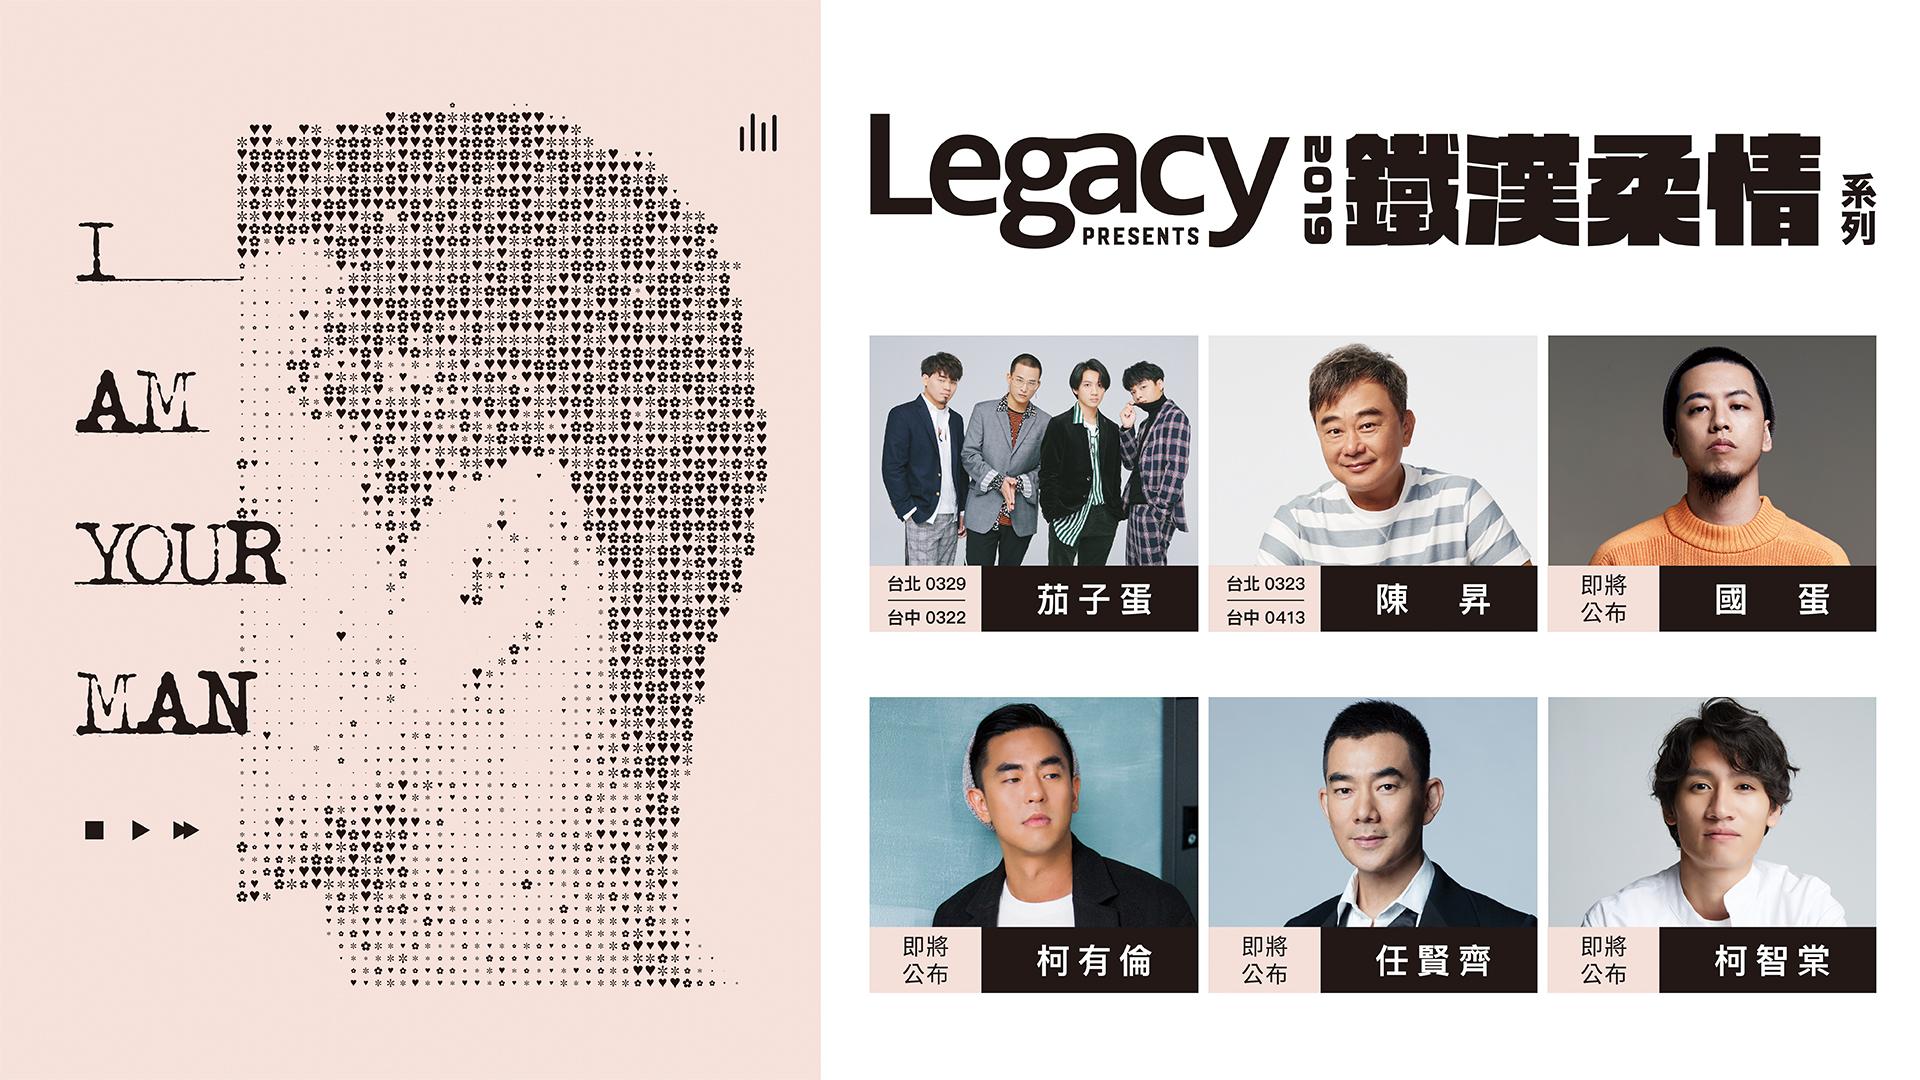 Legacy「鐵漢柔情」陣容公布 樂迷大喊荷包失守啦